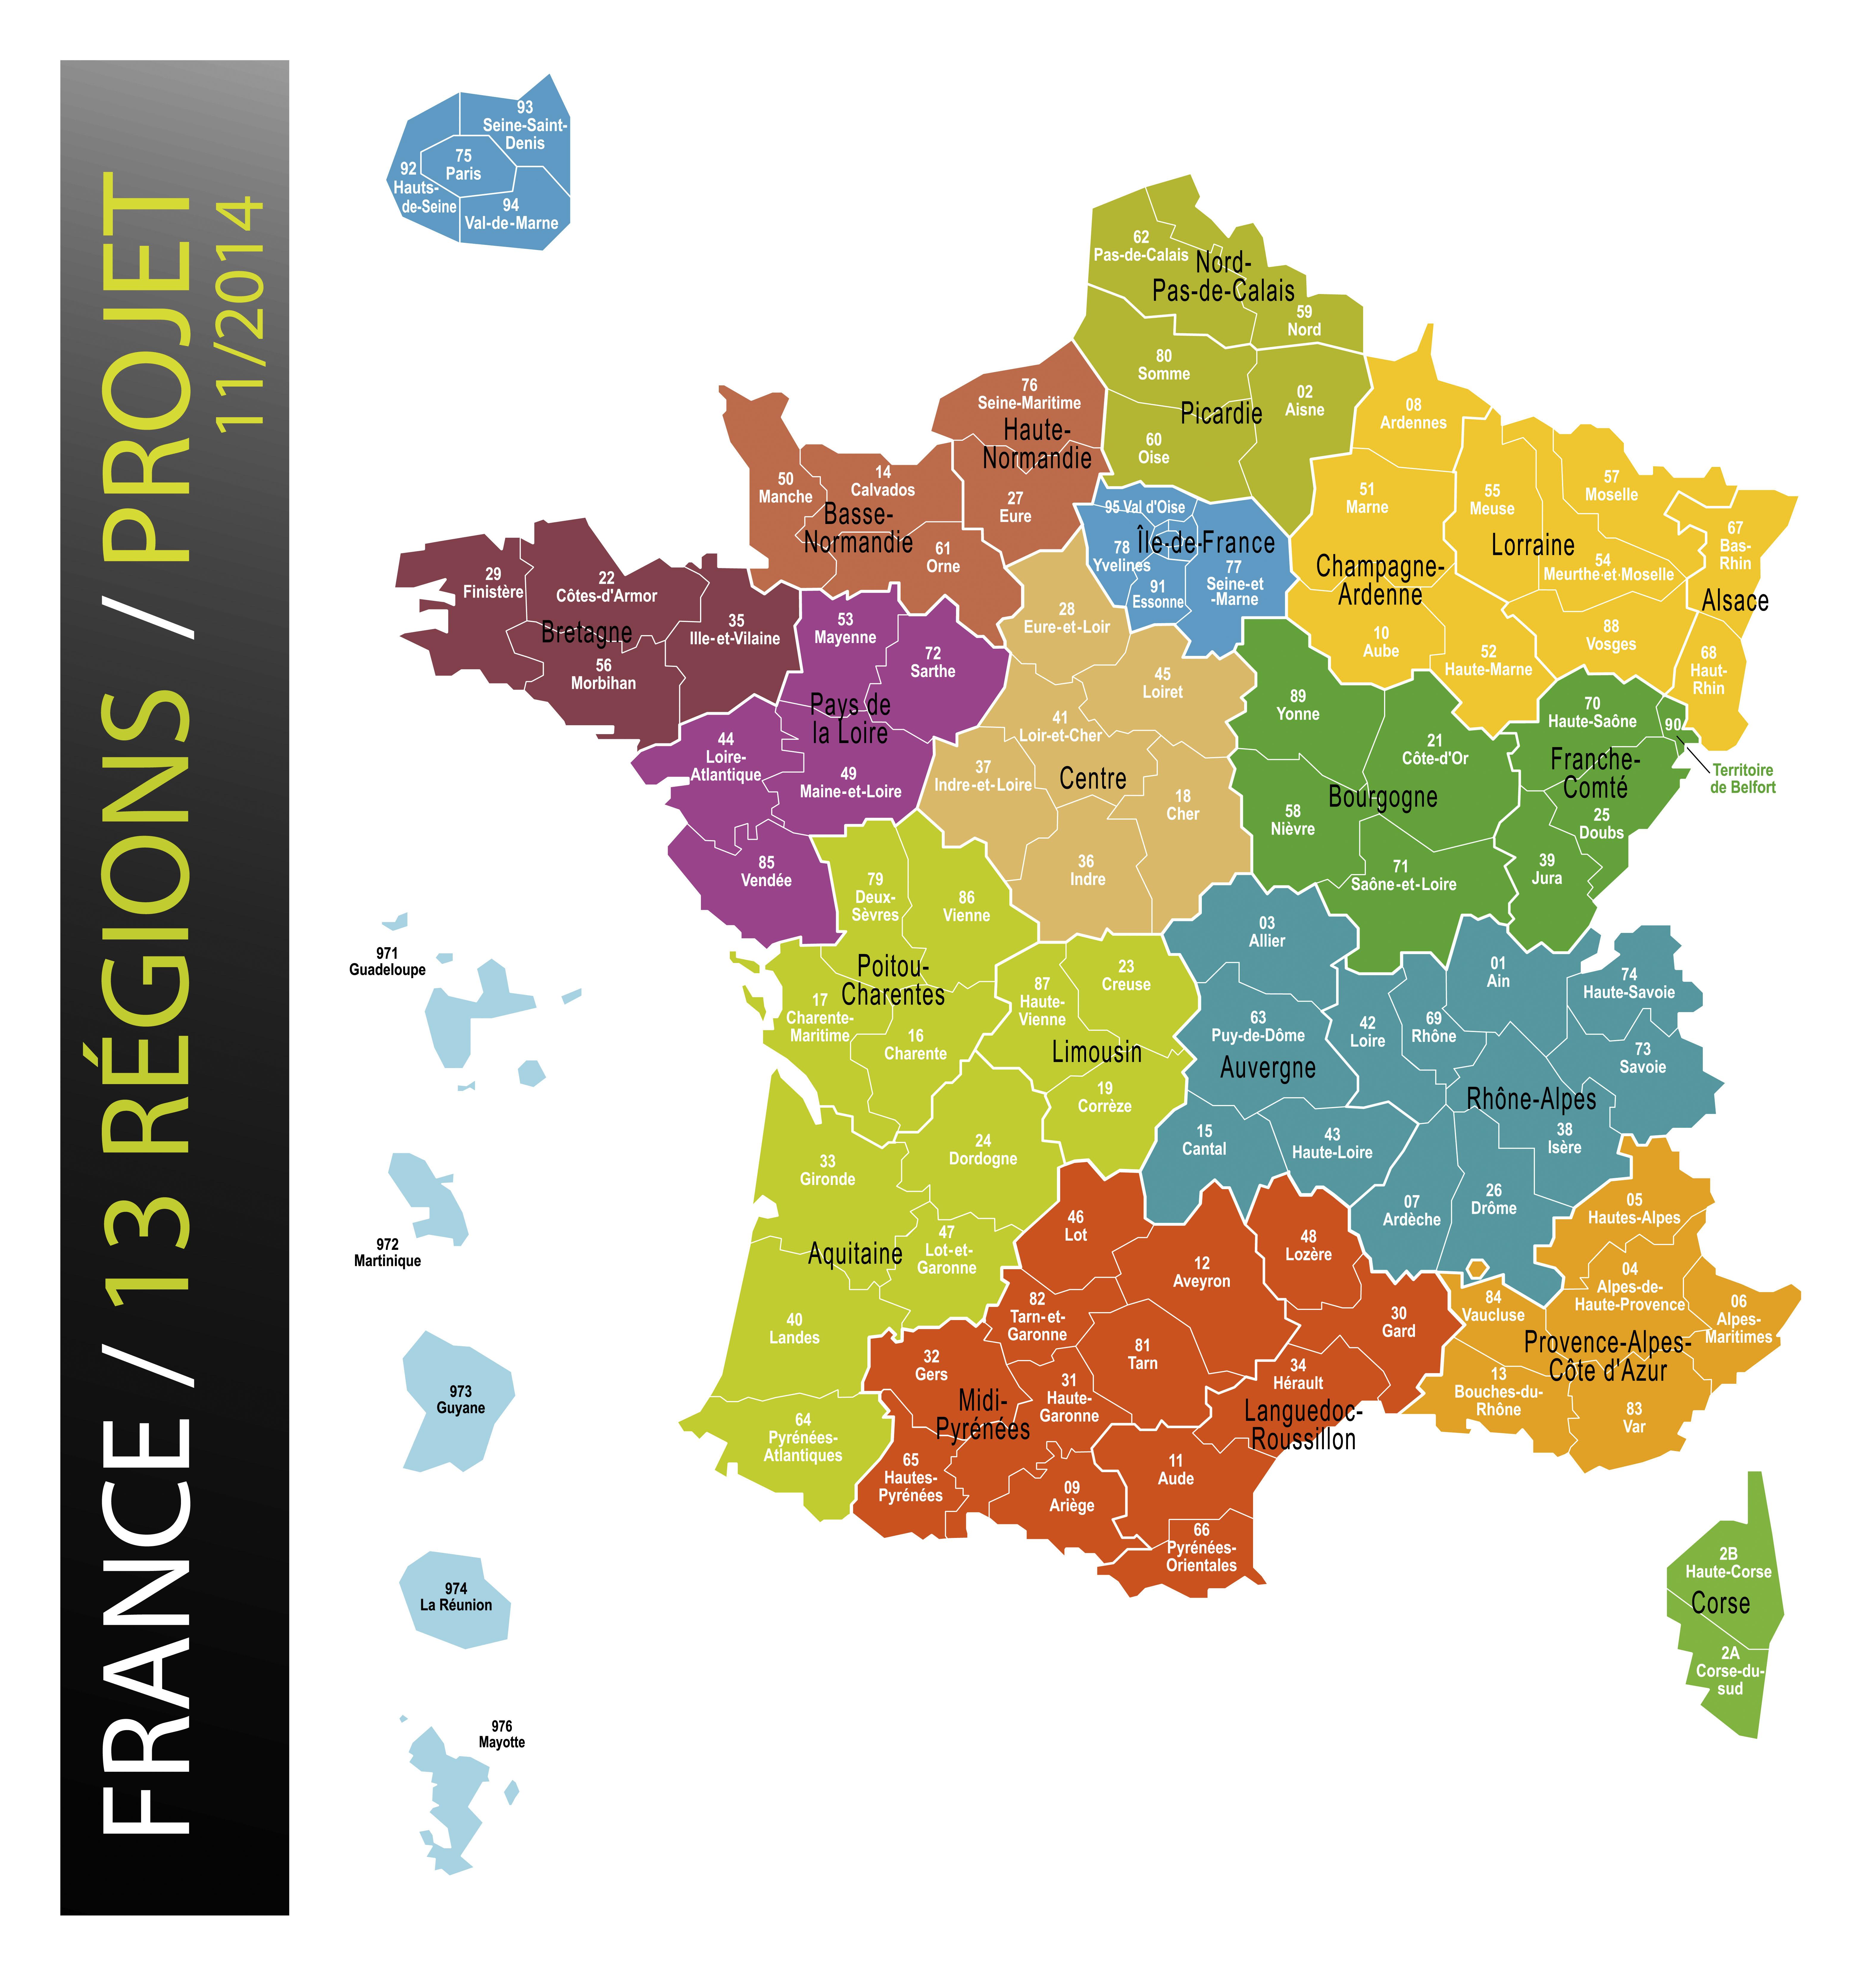 Départements france 2015